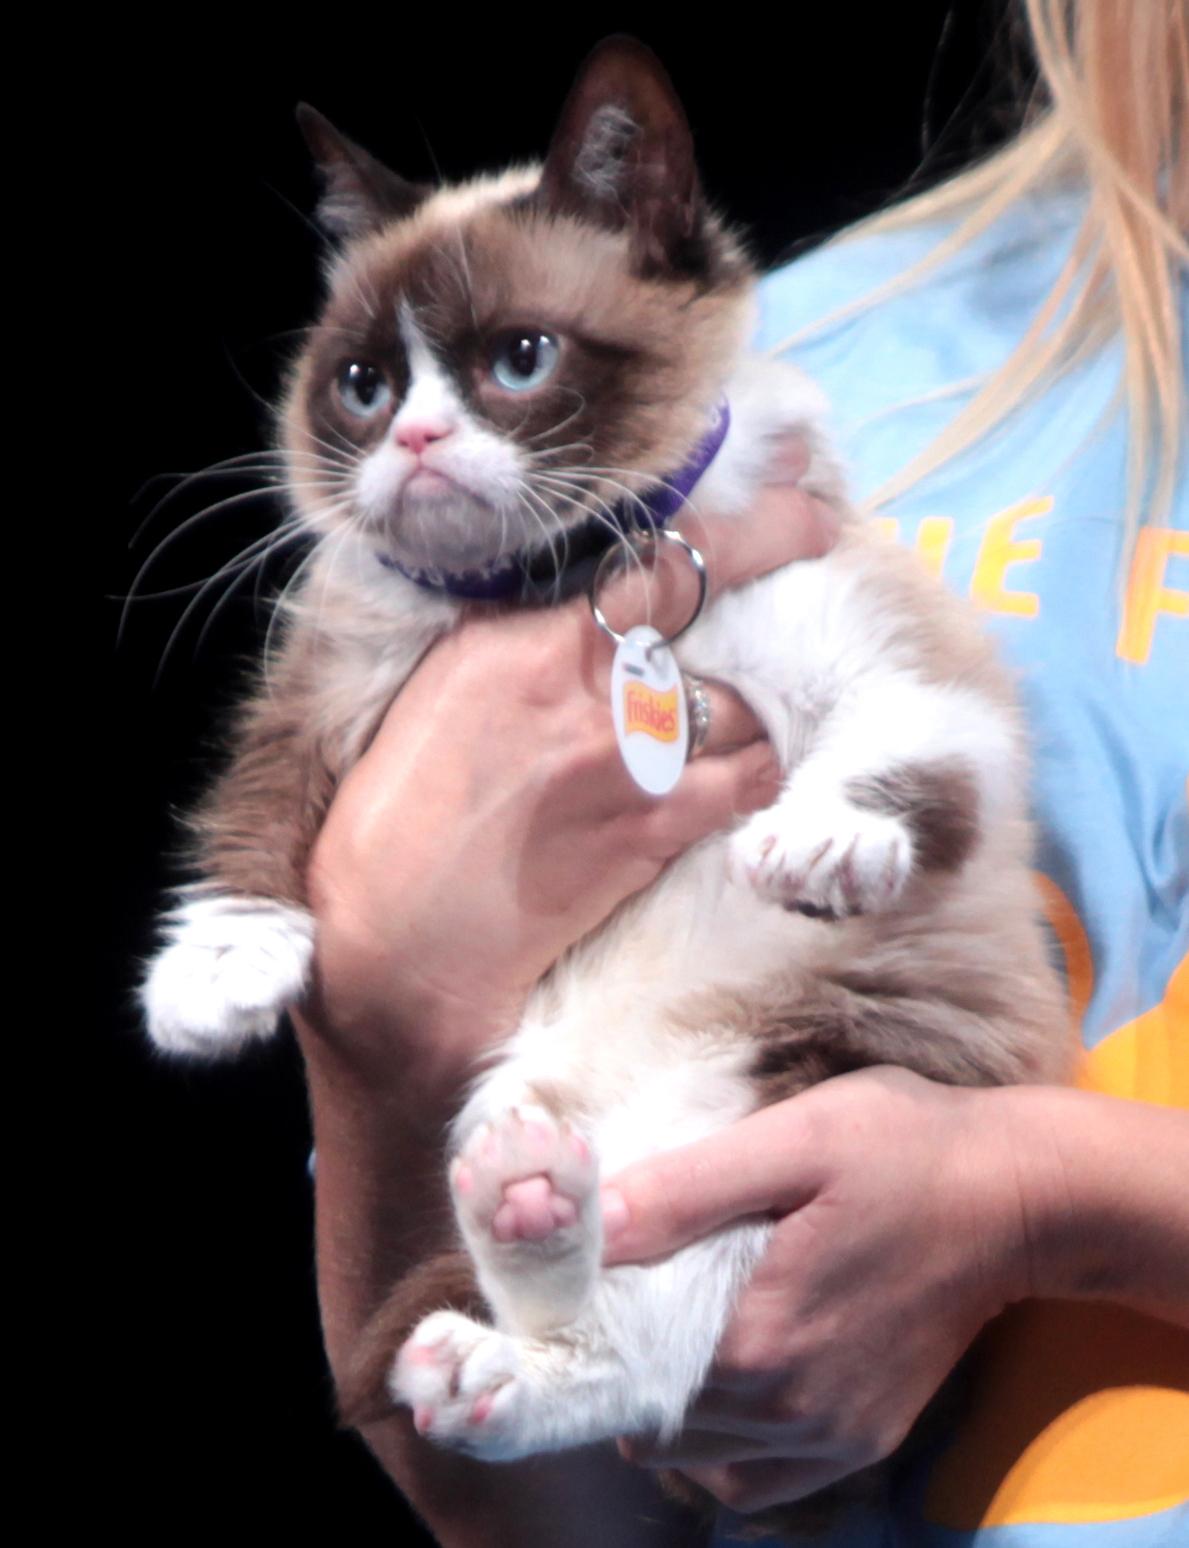 Grumpy_Cat_by_Gage_Skidmore